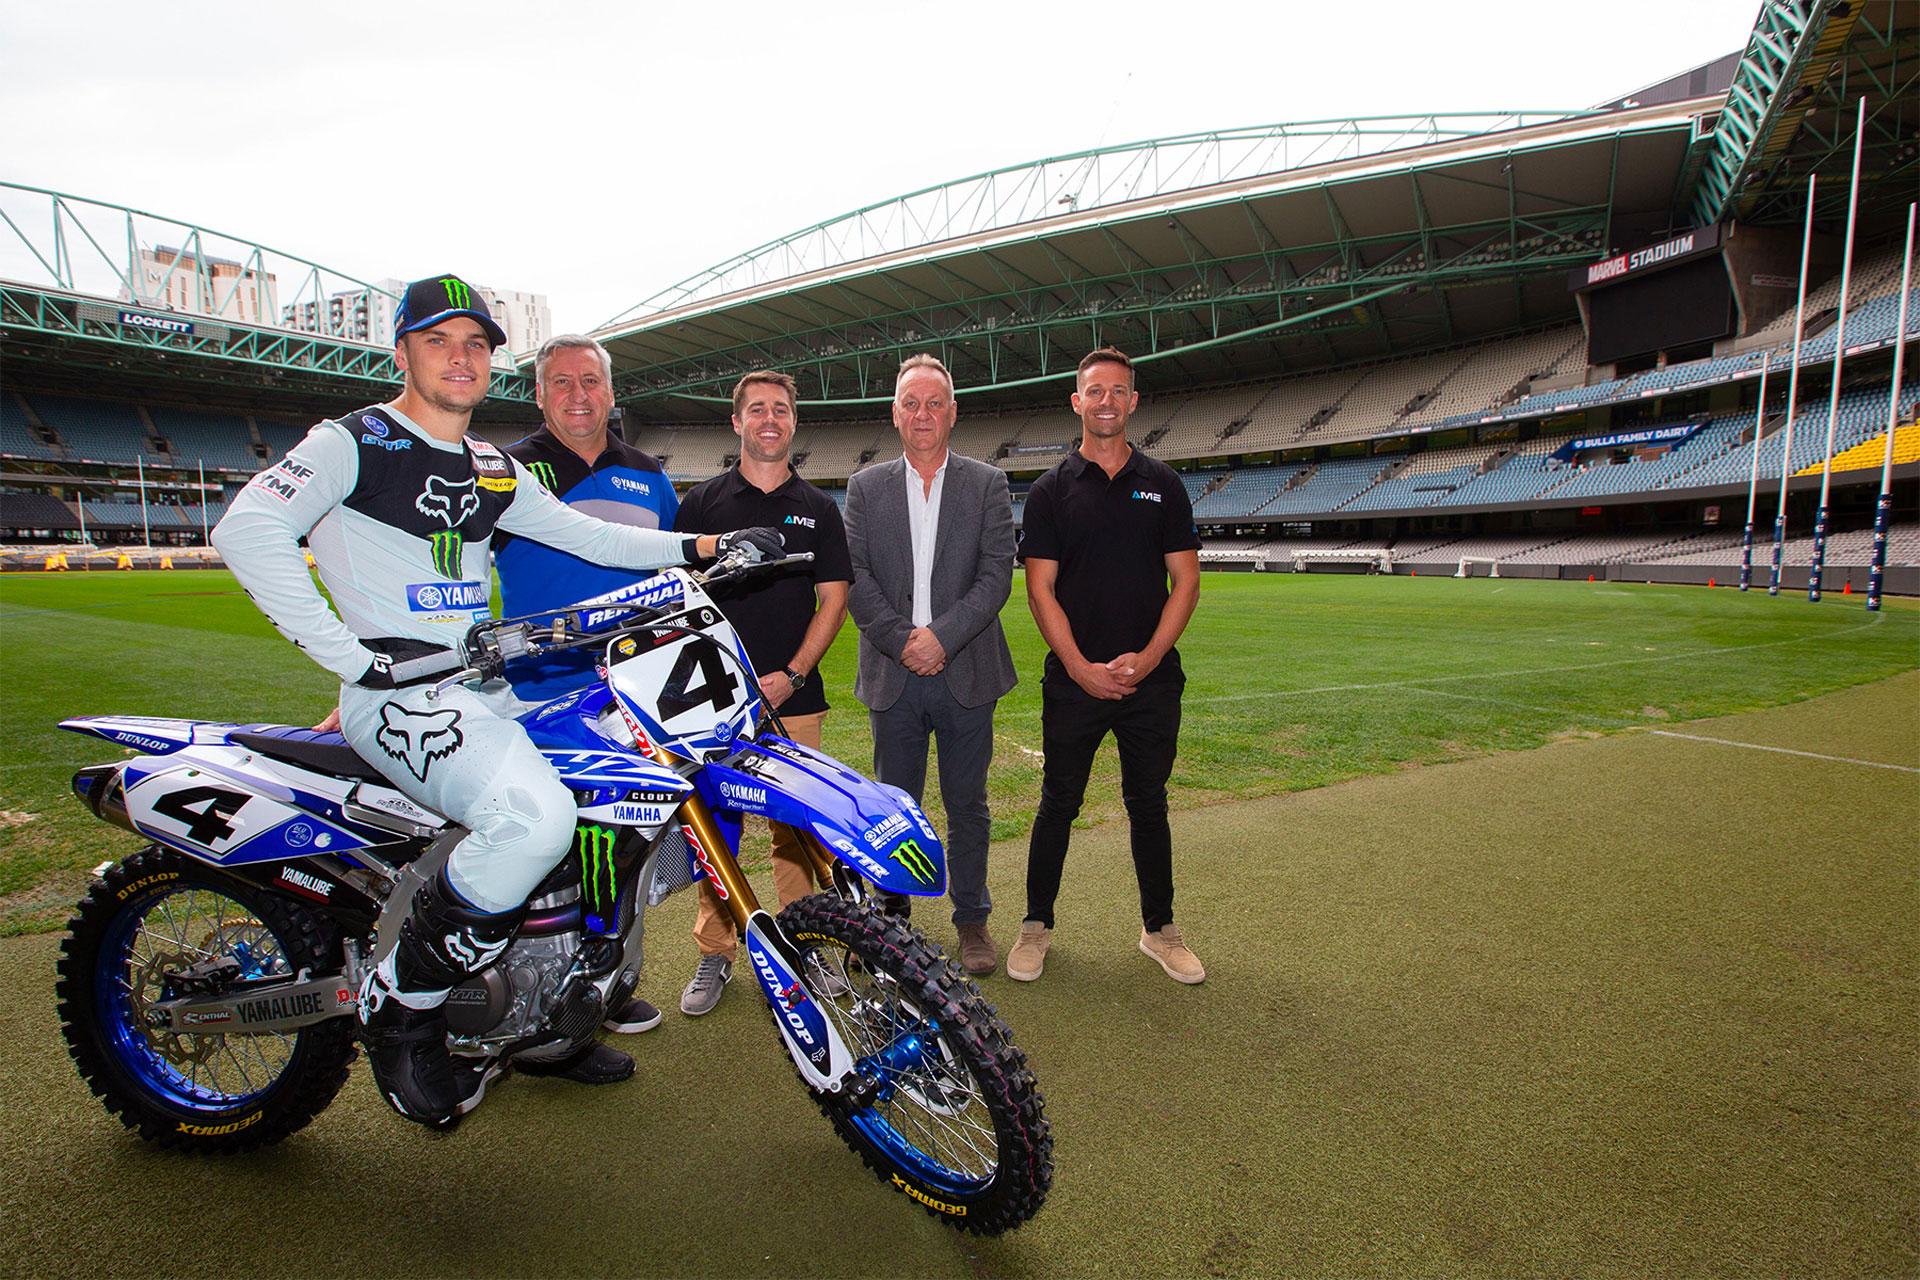 Melbournes Marvel Stadium will host AUS X